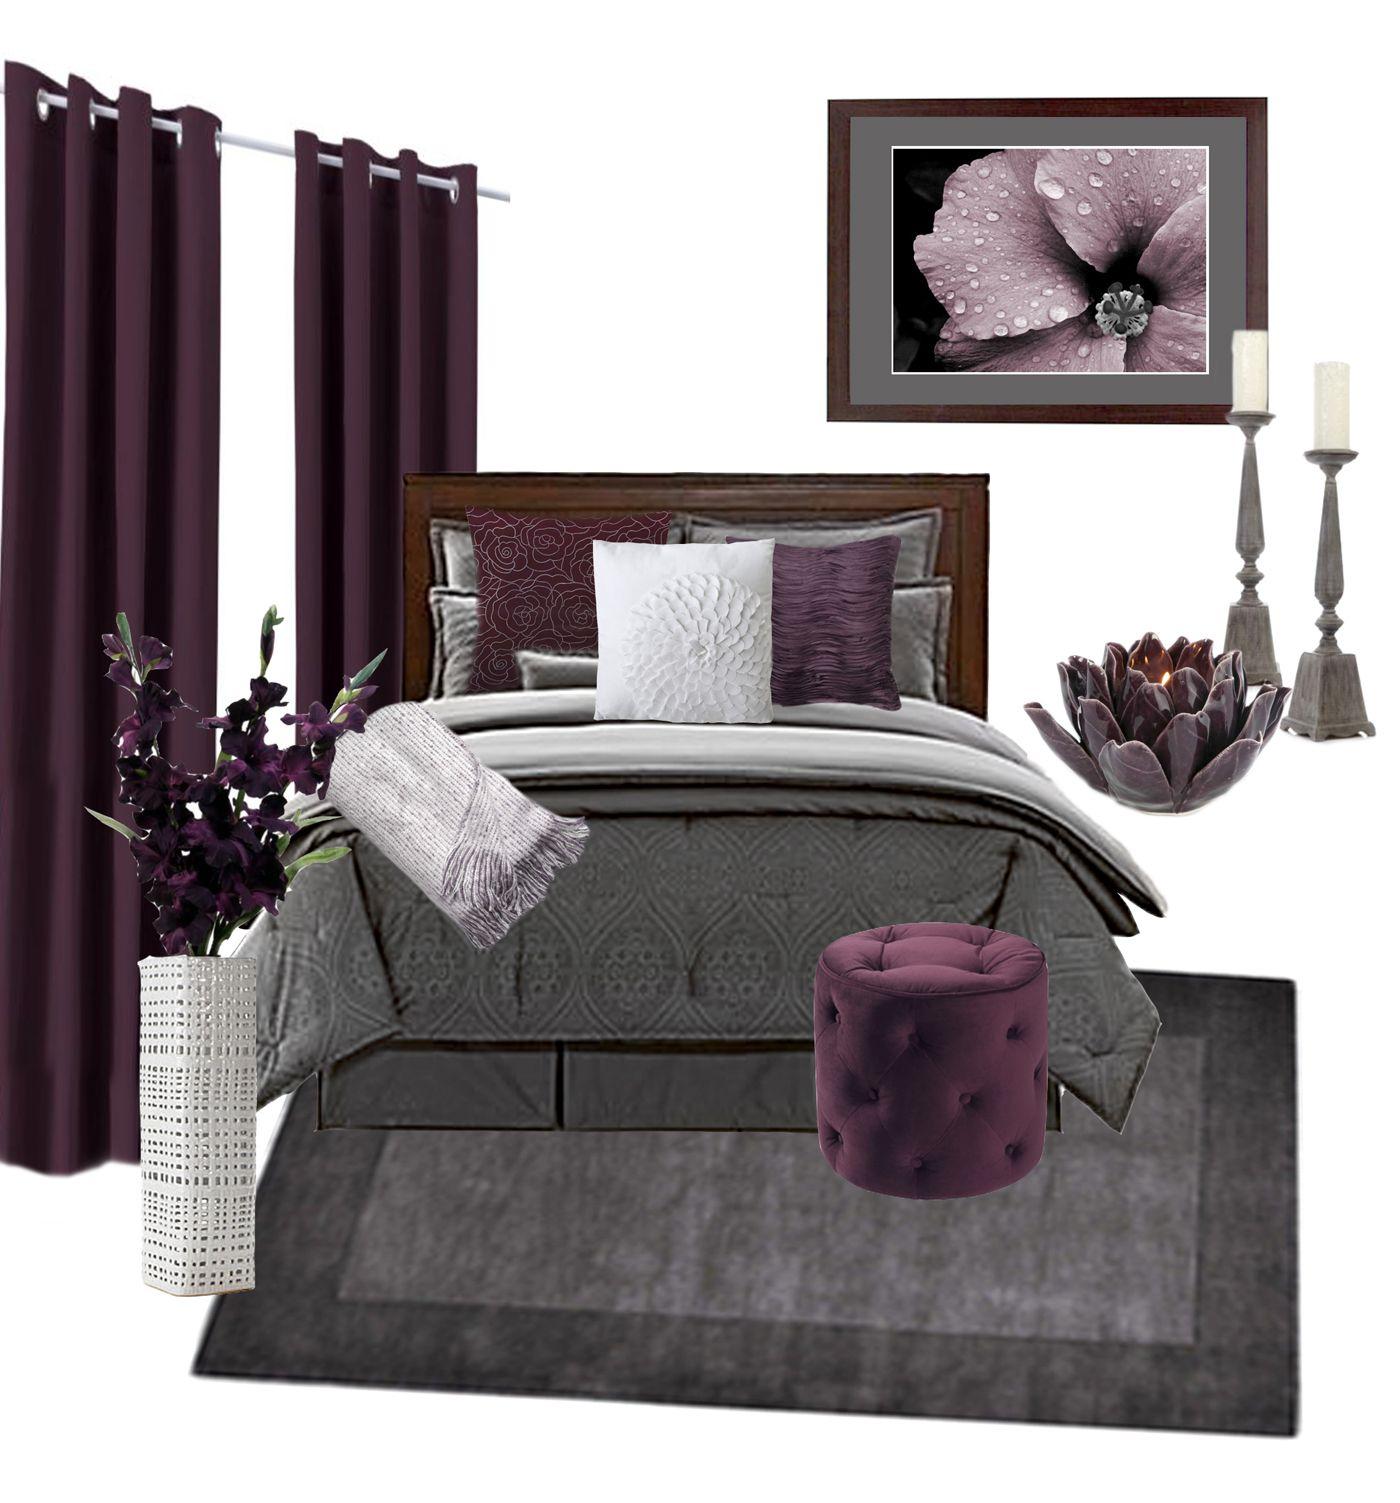 die besten 25 pflaumen bettw sche ideen auf pinterest lila bett pflaumen zimmer und lila tr ster. Black Bedroom Furniture Sets. Home Design Ideas